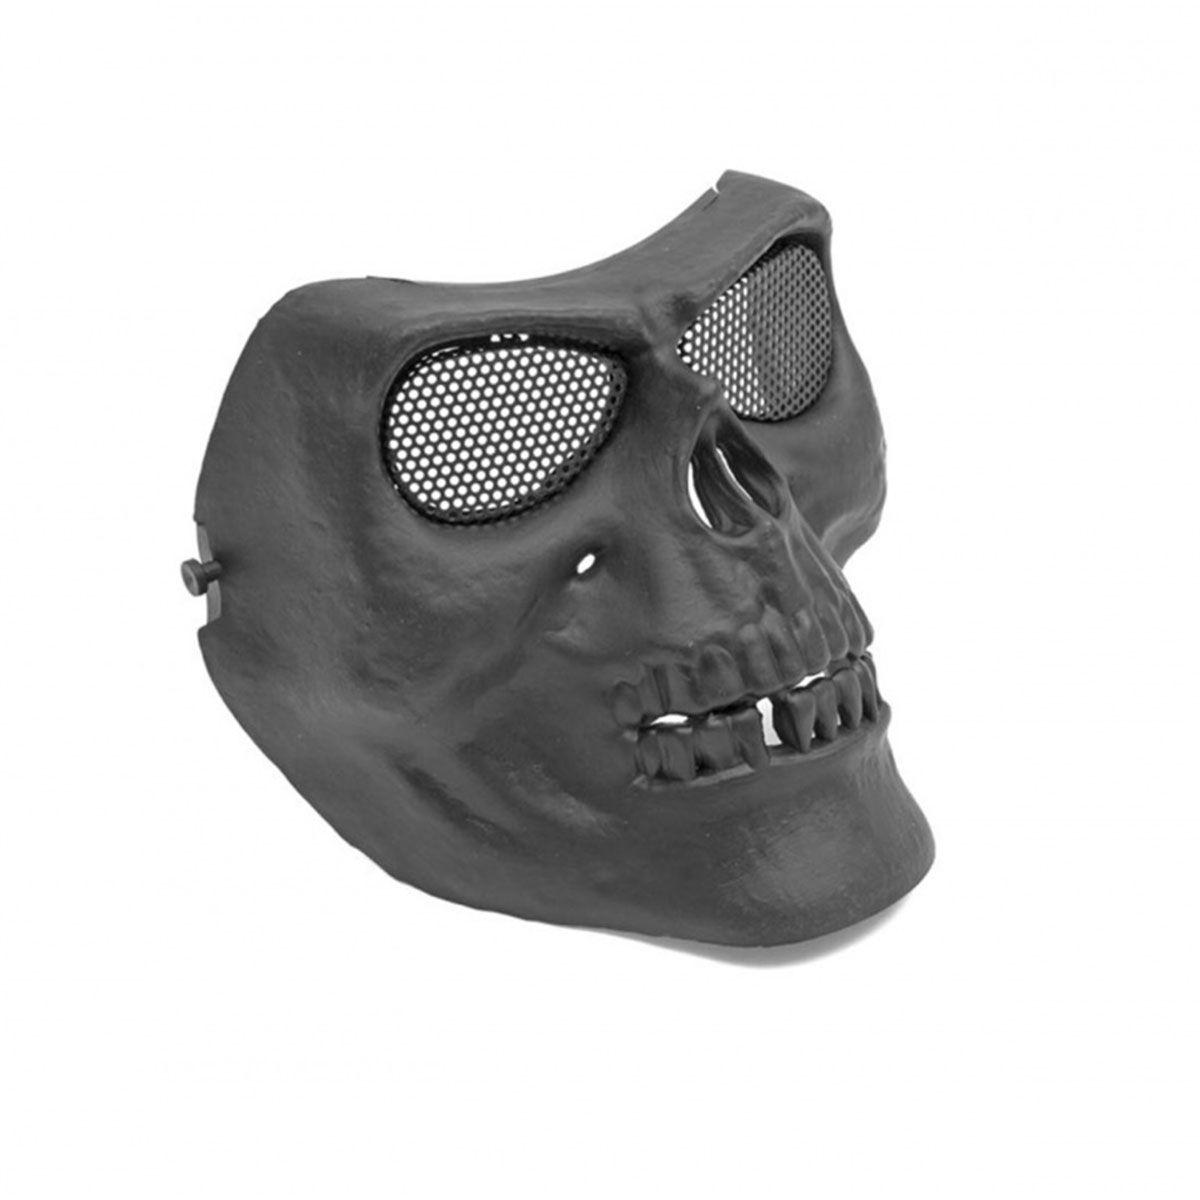 Máscara Tática de Caveira Preta ABS Tela de Metal HY050